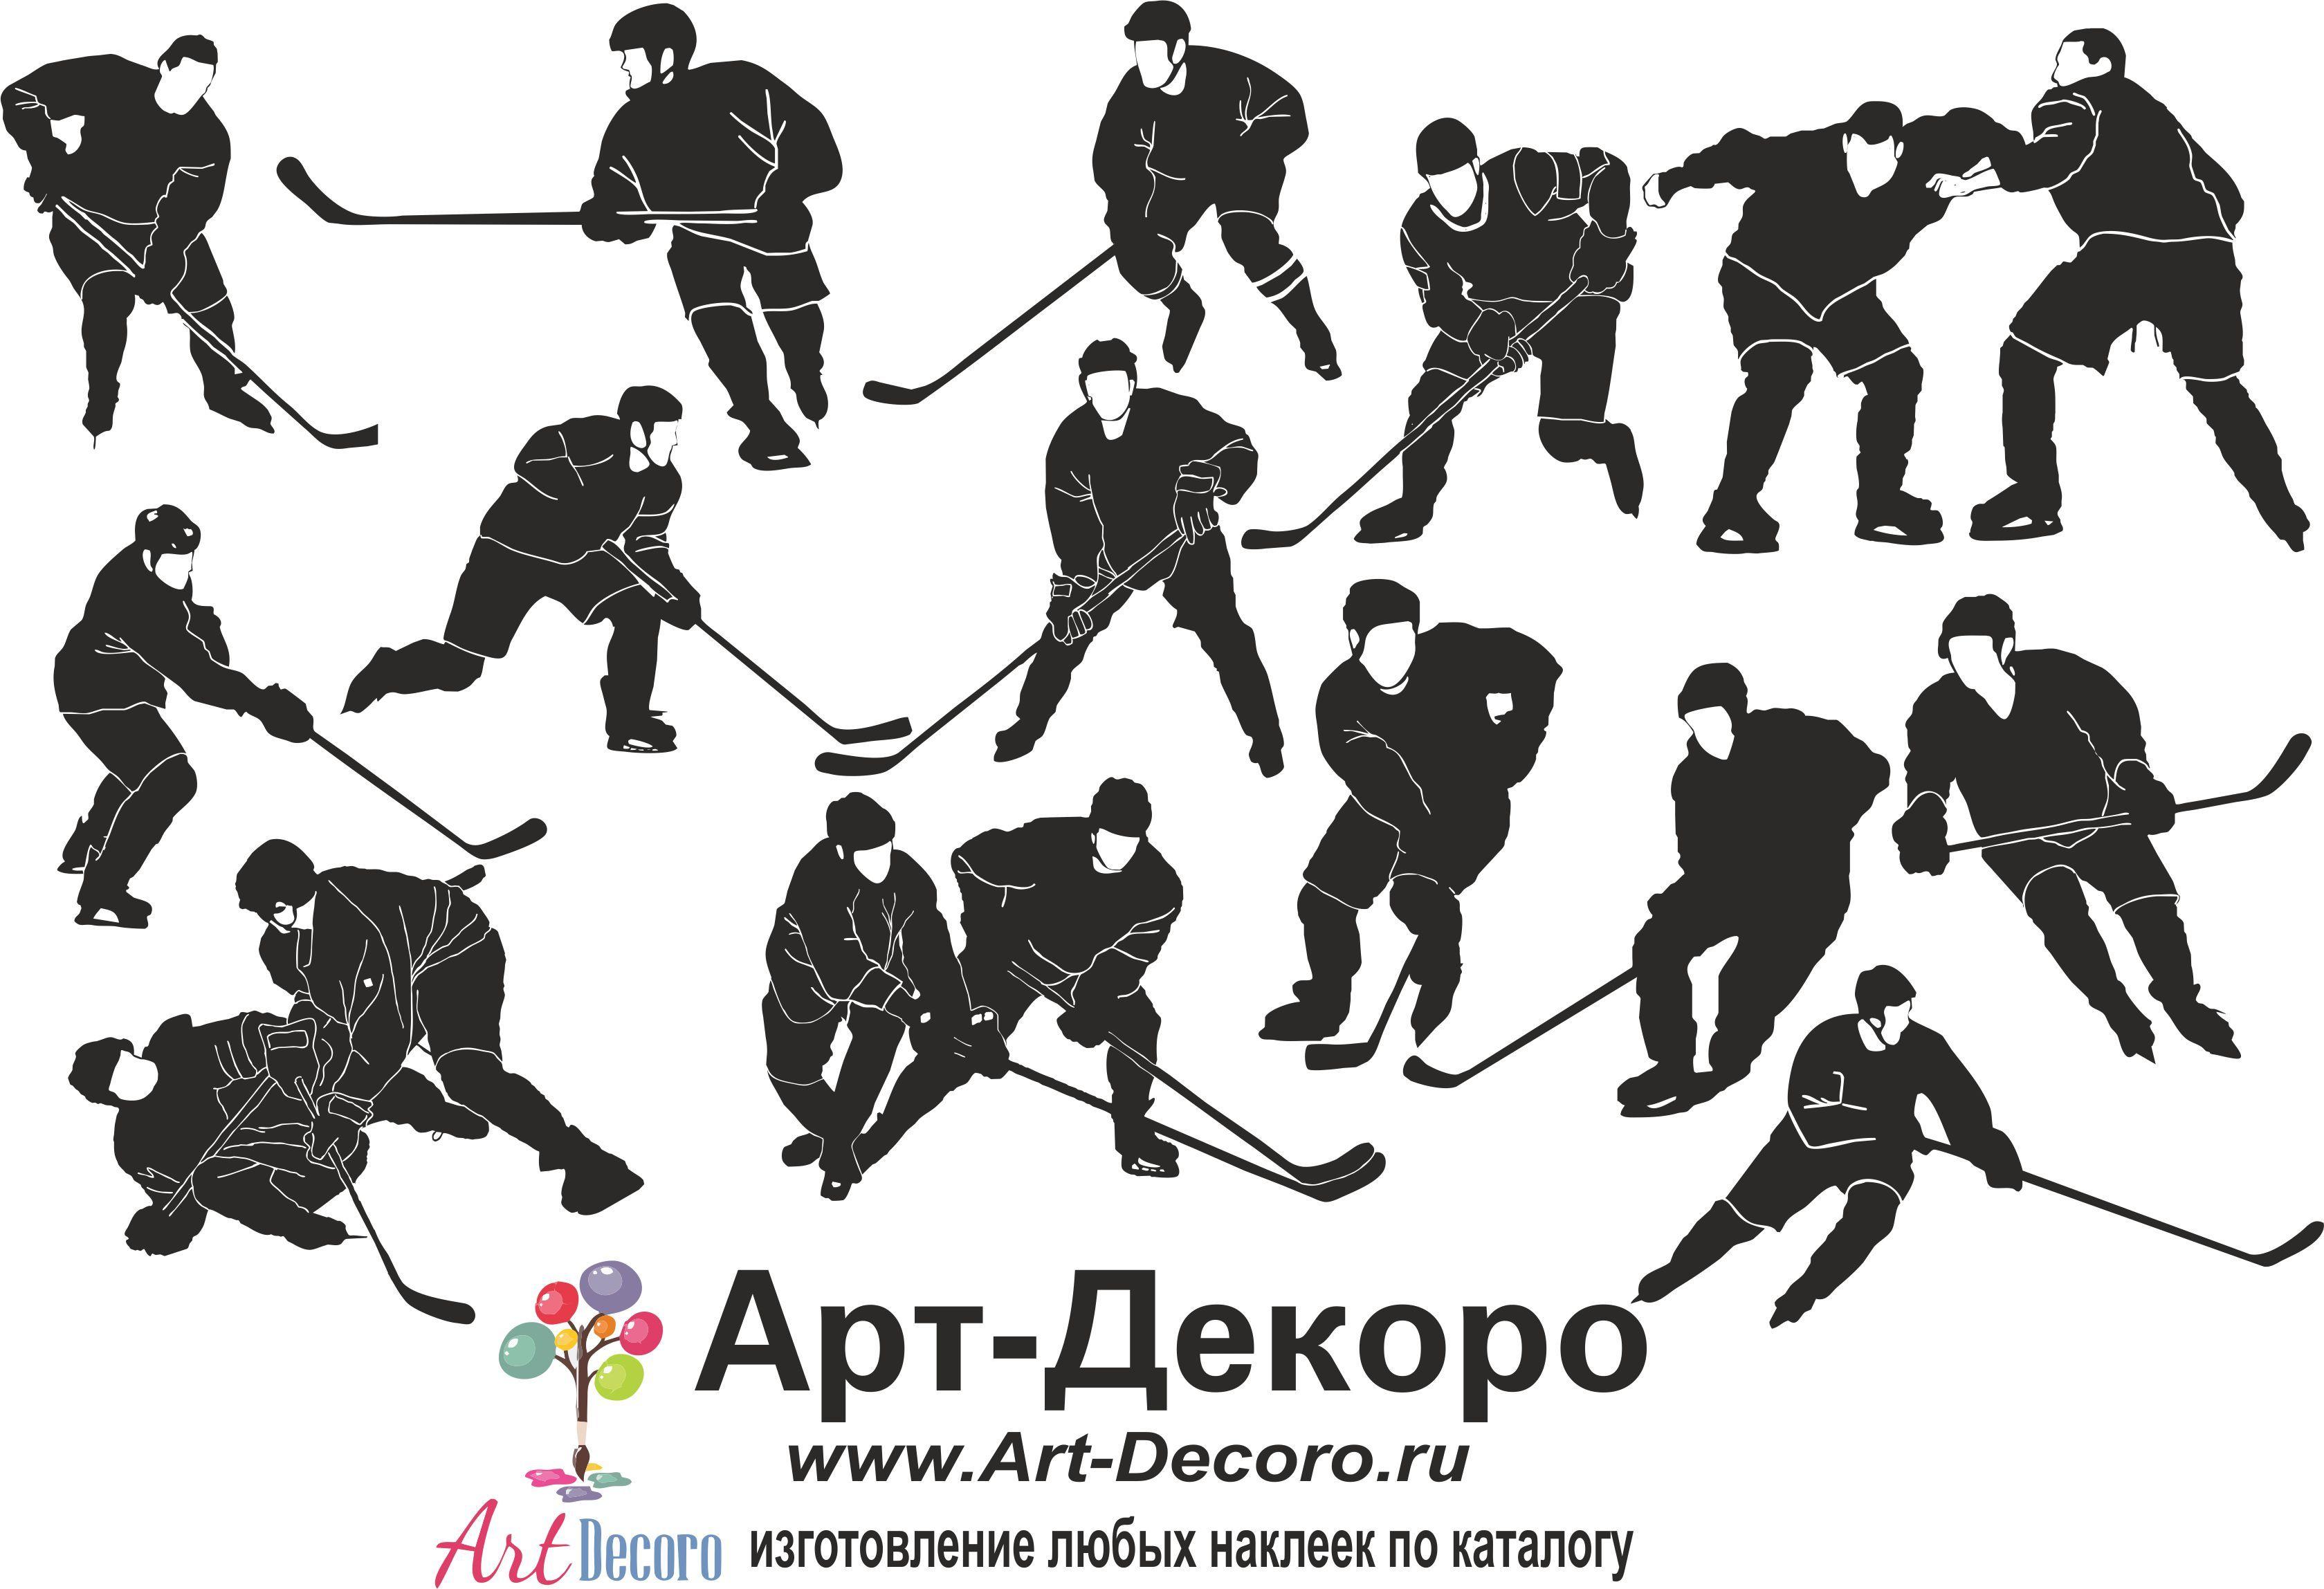 фото Российский хоккей, виниловый стикер в магазине Арт ...